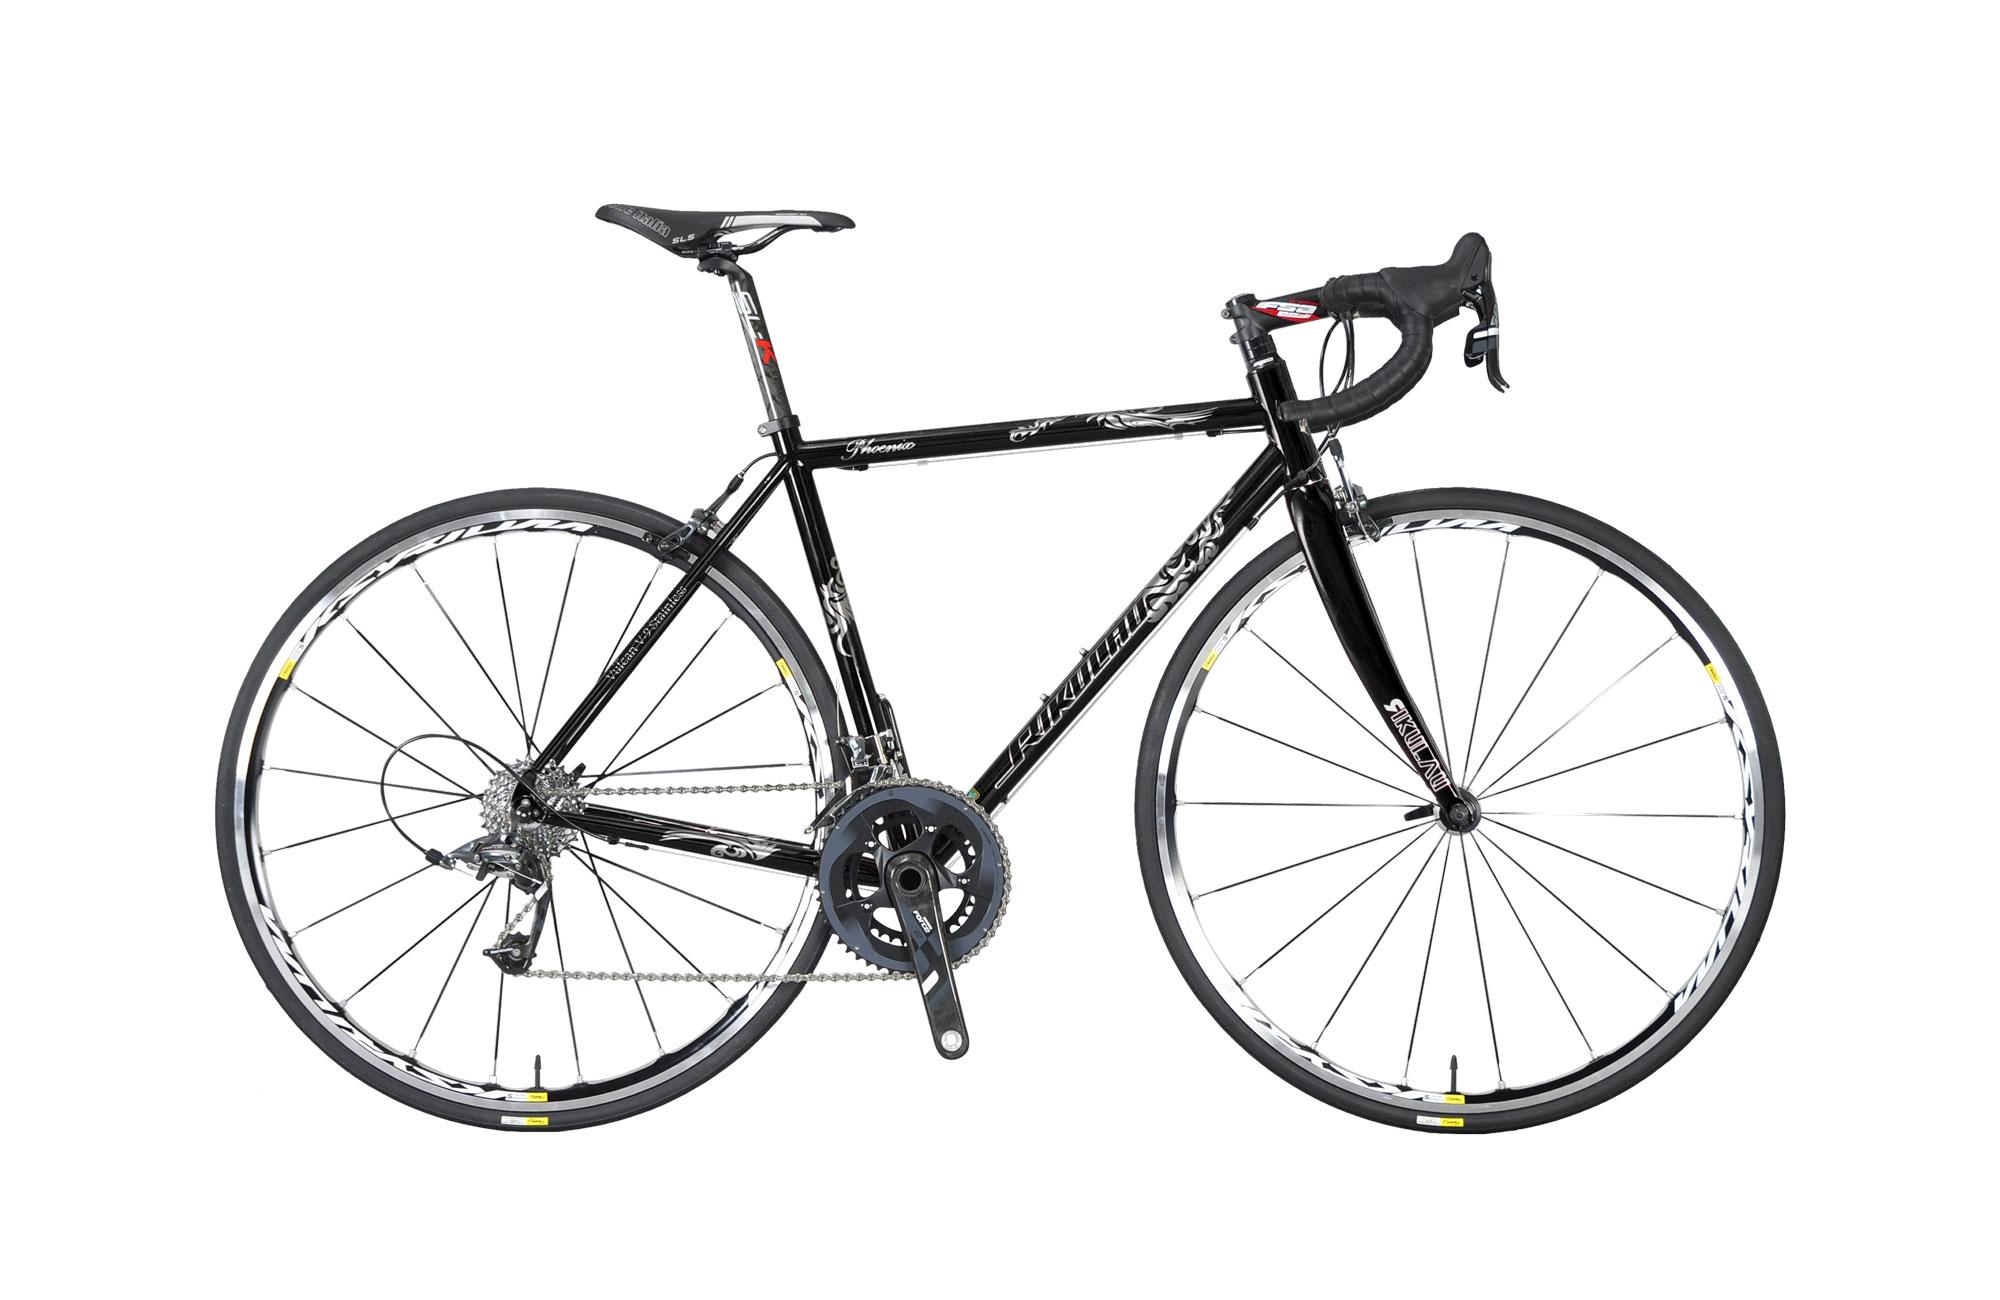 Road Bike - Master V9 (stainless steel)